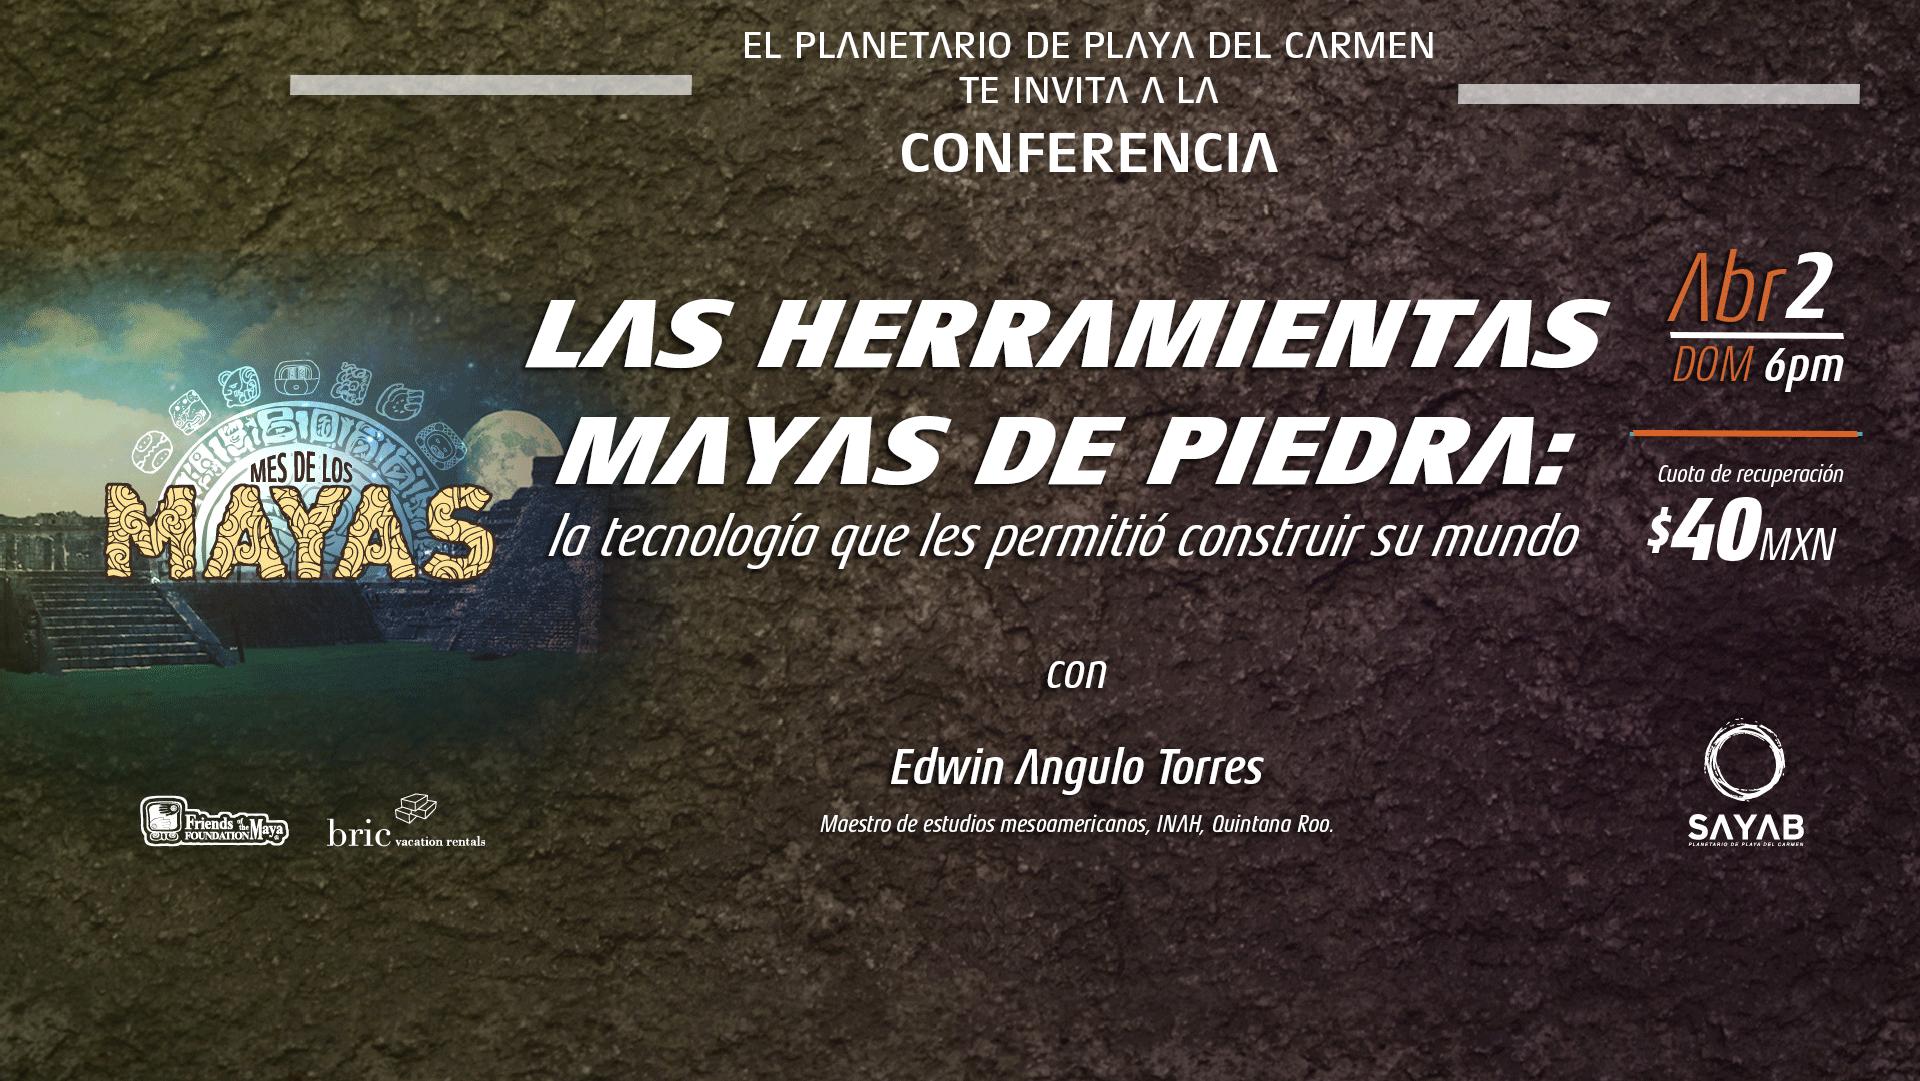 SAYAB_MesMayas_Conferencia-2